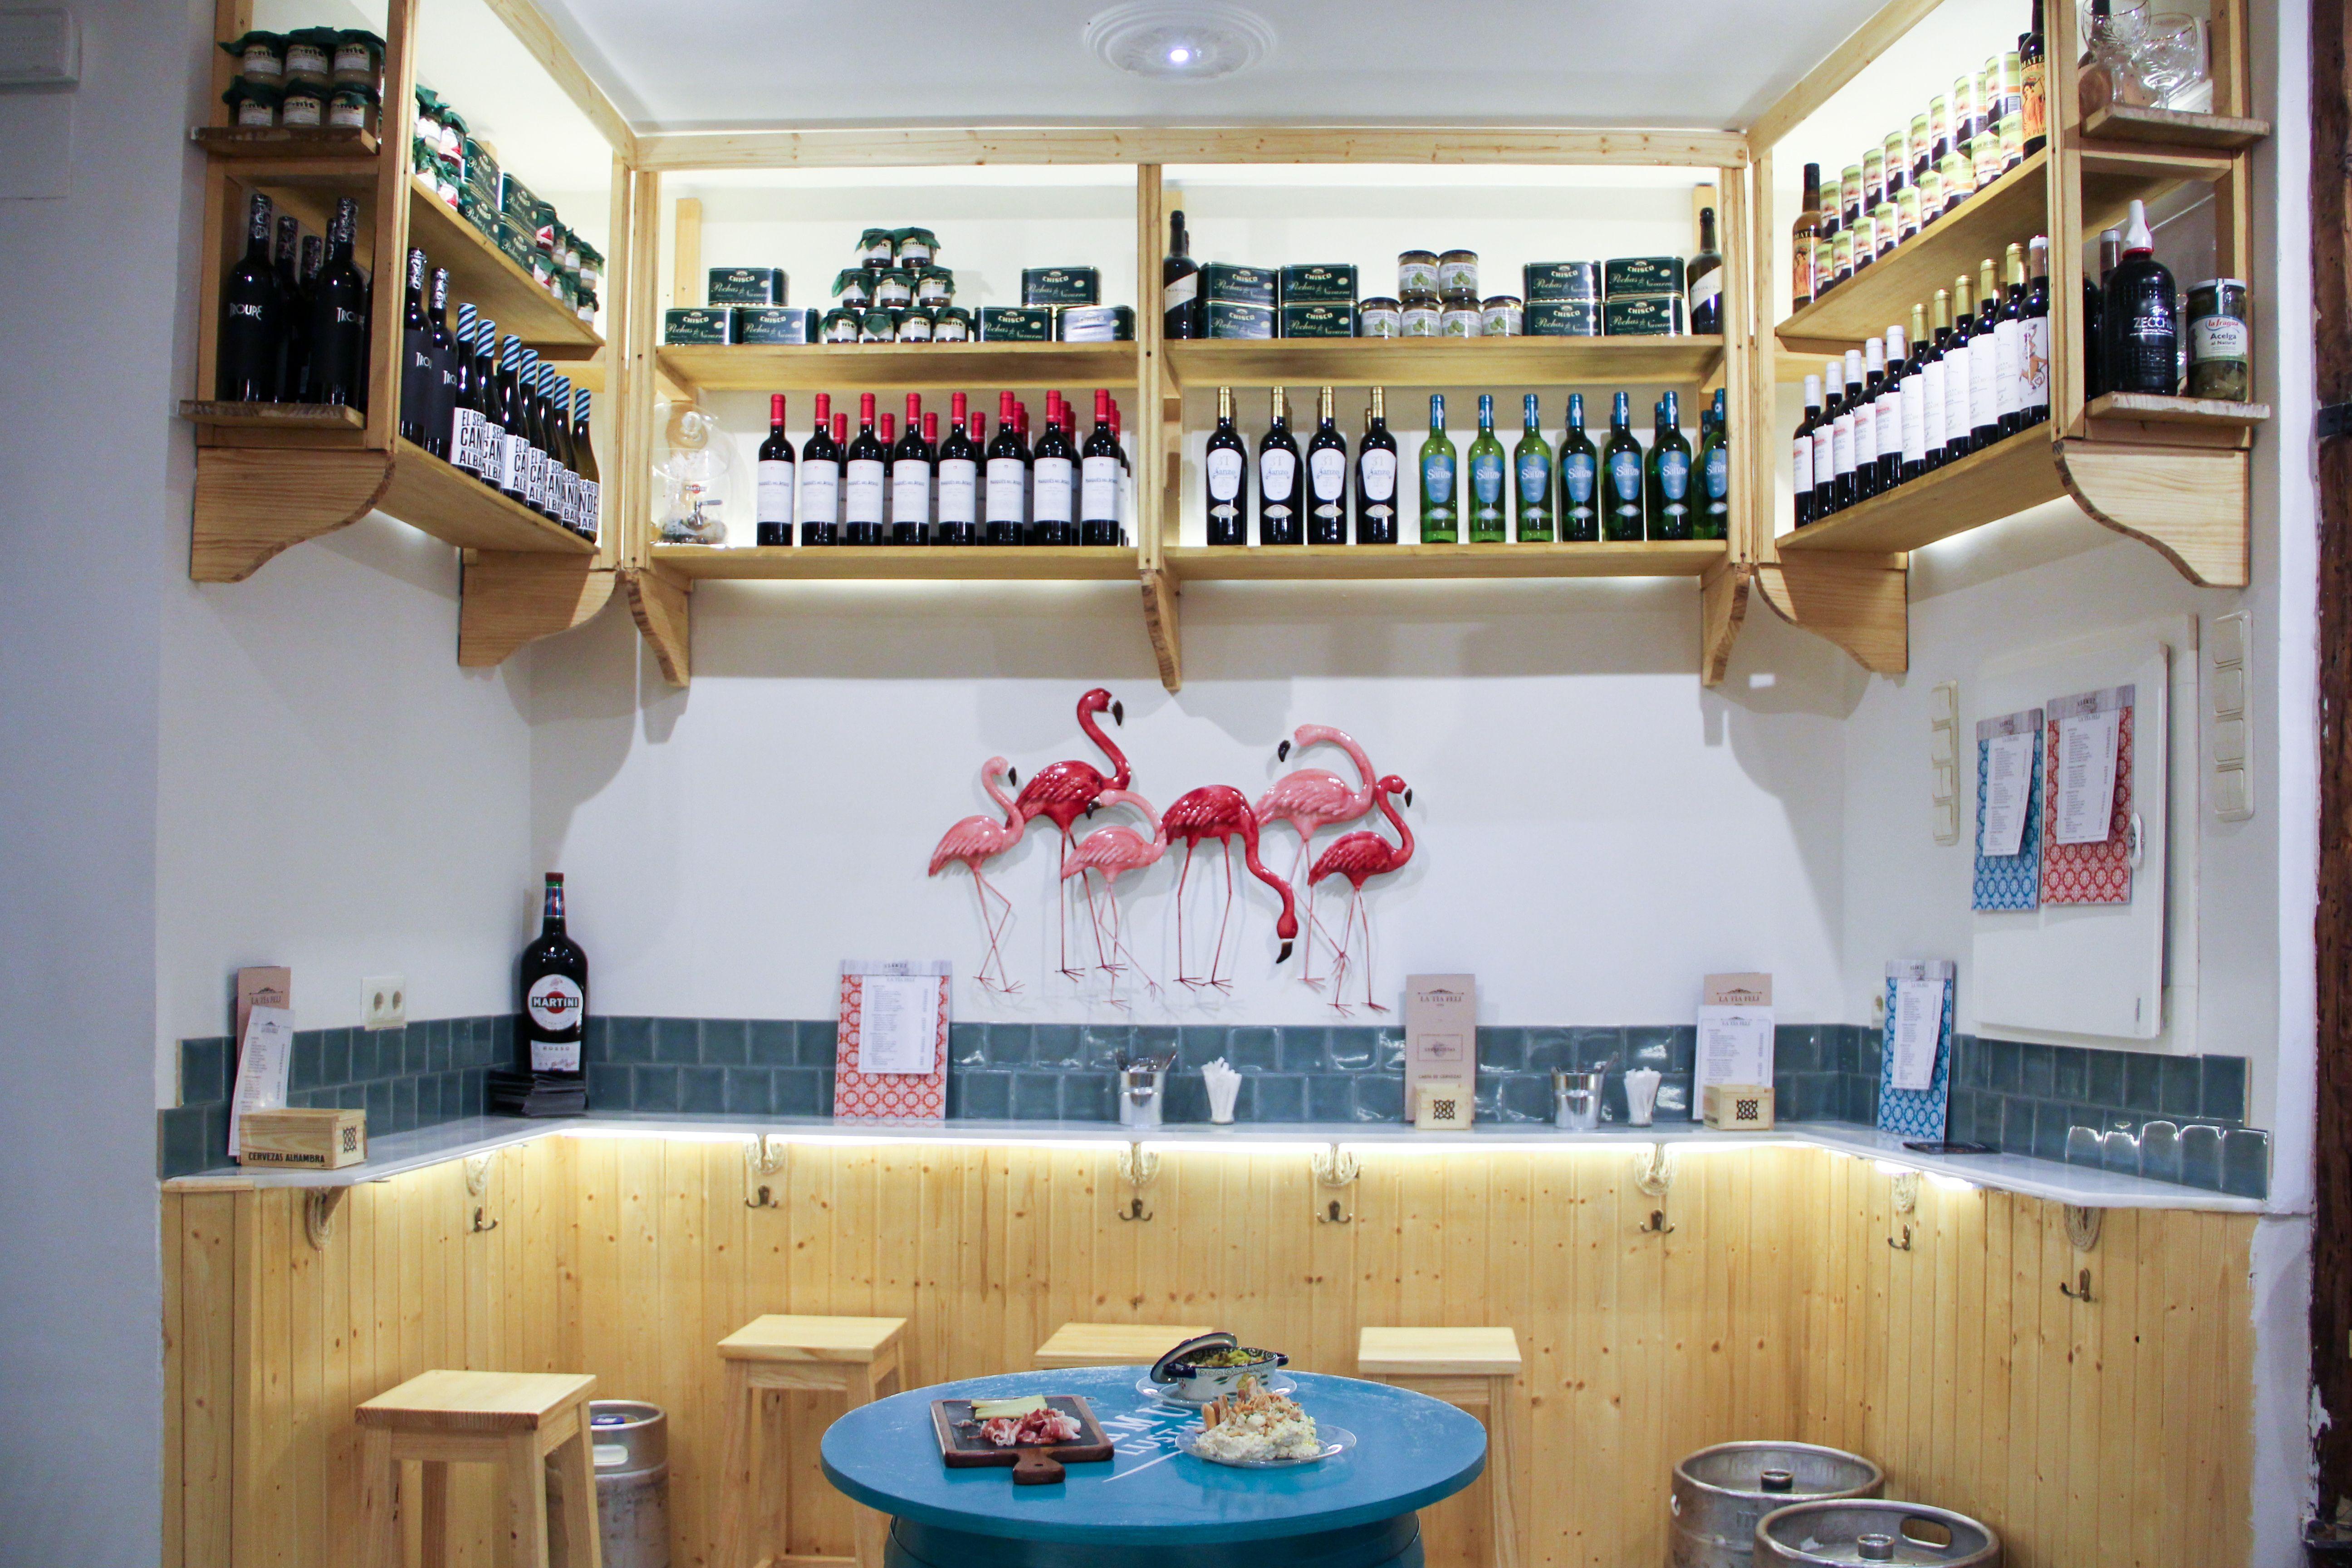 Fondo del local con estanterías de vinos